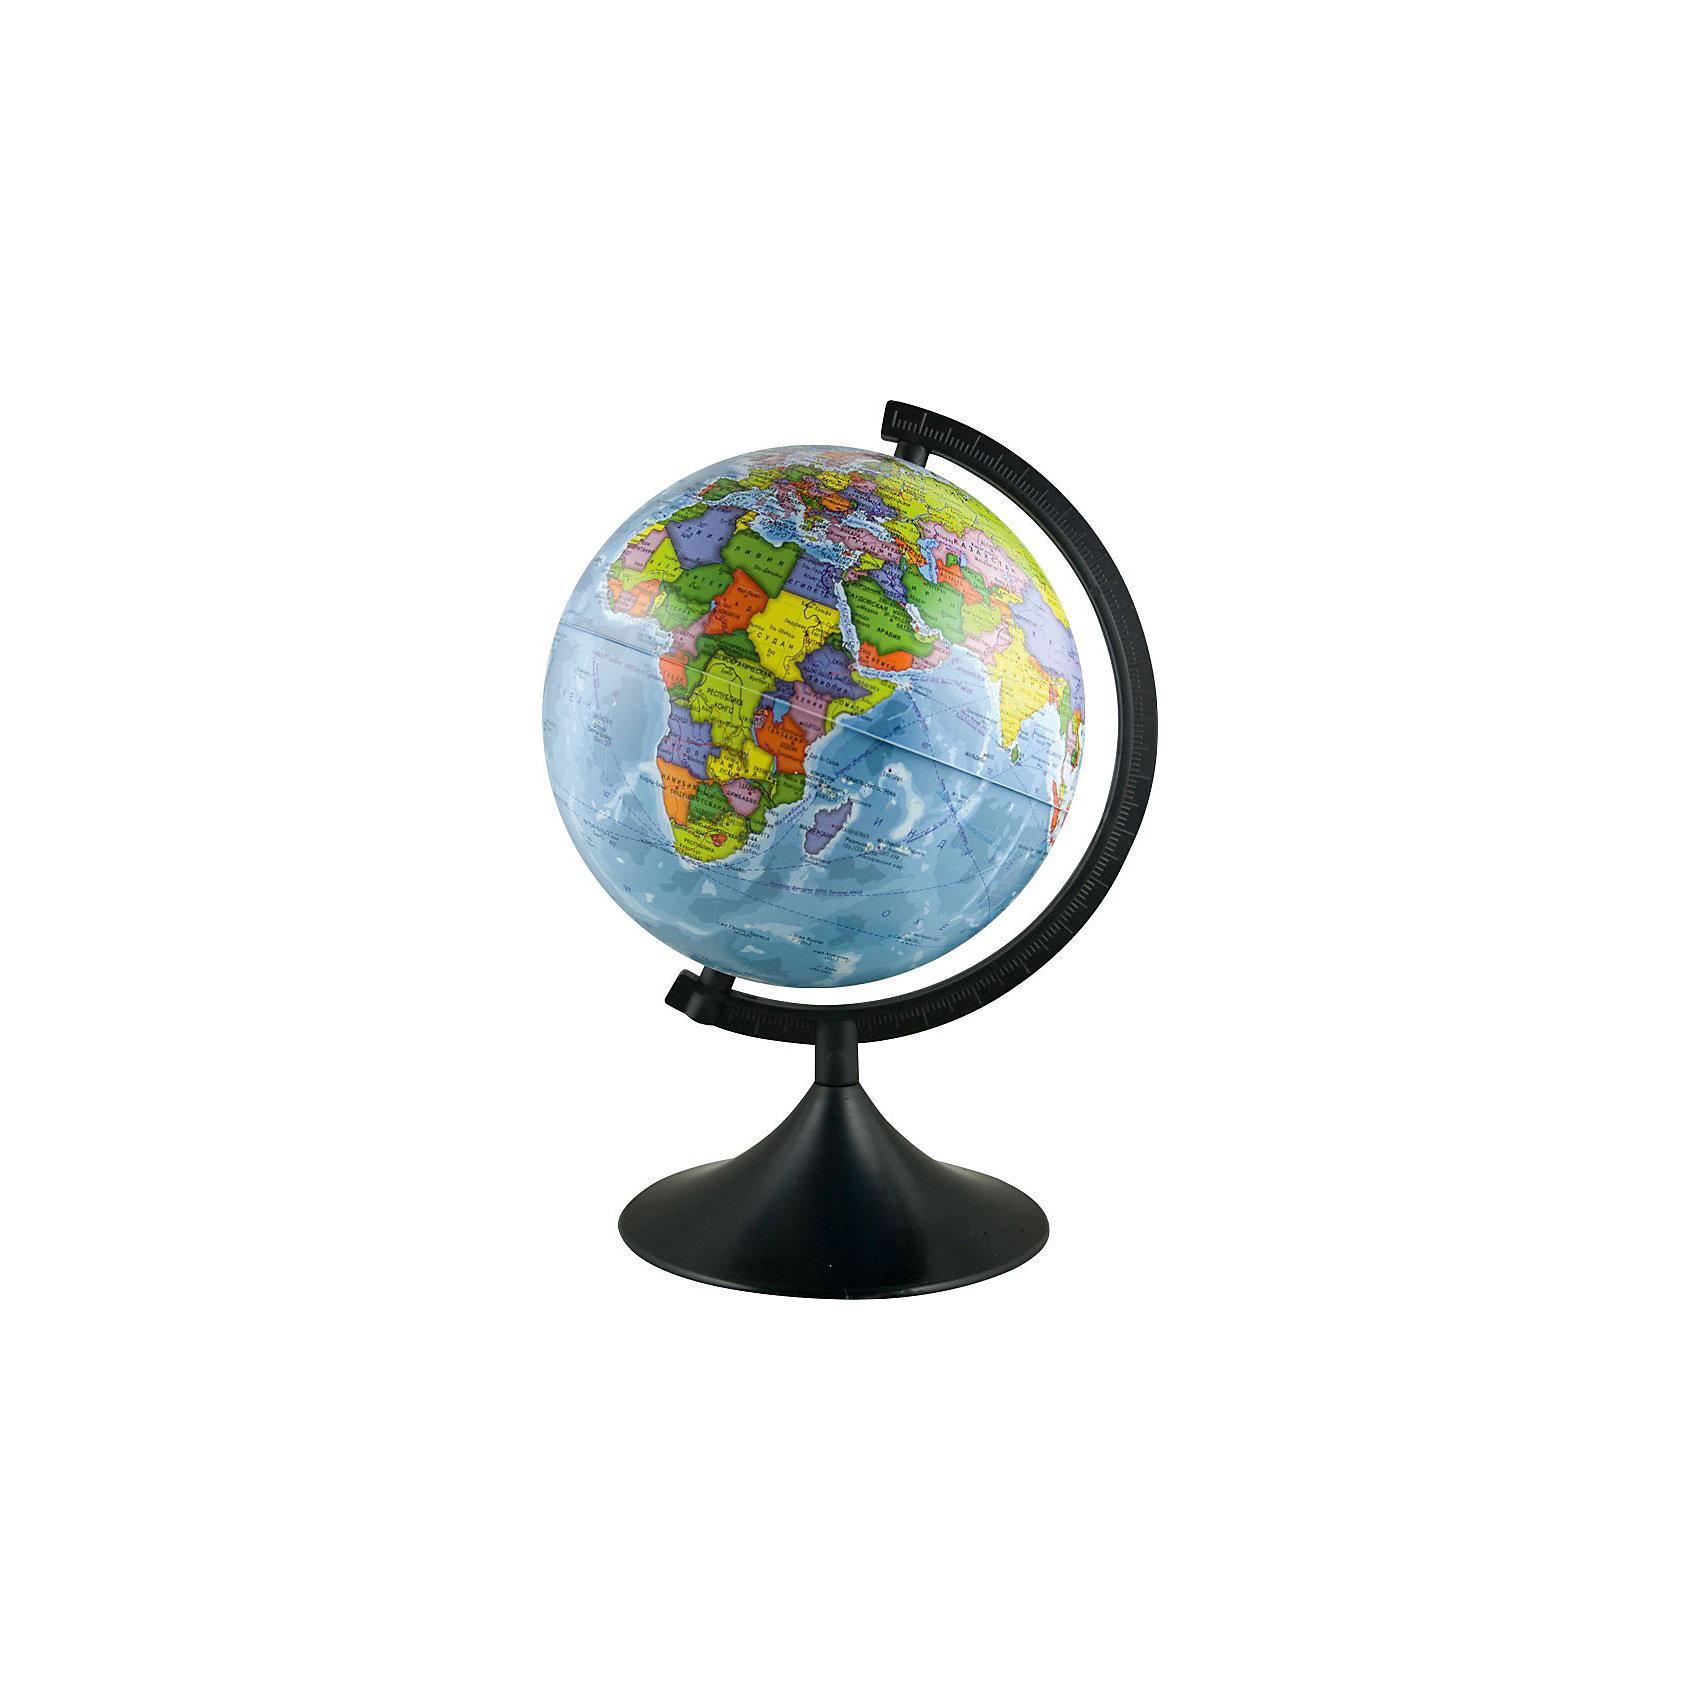 Глобус Земли Политический, TUKZARПоследняя цена<br>Глобус Земли Политический, TUKZAR (ТУКЗАР) станет незаменимым атрибутом обучения ребенка.<br>Существует много способов, как придать учебе игровой настрой, заинтересовать и в то же время дать ребенку необходимые знания. Давнее изобретение, никогда не теряющее свою актуальность и значение - это модель нашей Земли. С глобусами смогут работать даже самые маленькие, они дают полет фантазии и интеллектуально развивают ребенка. Учиться с помощью политического глобуса, где указаны современные границы государств, названия географических объектов  - просто и легко. Настольный глобус на удобной подставке вращается вокруг собственной оси.<br><br>Дополнительная информация:<br><br>- Диаметр: 210 мм<br>- Масштаб: 1:60000000<br>- Покрытие: пластик<br>- Язык: русский<br>- Содержание: границы государств, названия стран, столиц и крупных городов<br><br>Глобус Земли Политический, TUKZAR (ТУКЗАР) можно купить в нашем интернет-магазине.<br><br>Ширина мм: 210<br>Глубина мм: 210<br>Высота мм: 210<br>Вес г: 500<br>Возраст от месяцев: 36<br>Возраст до месяцев: 144<br>Пол: Унисекс<br>Возраст: Детский<br>SKU: 3743887